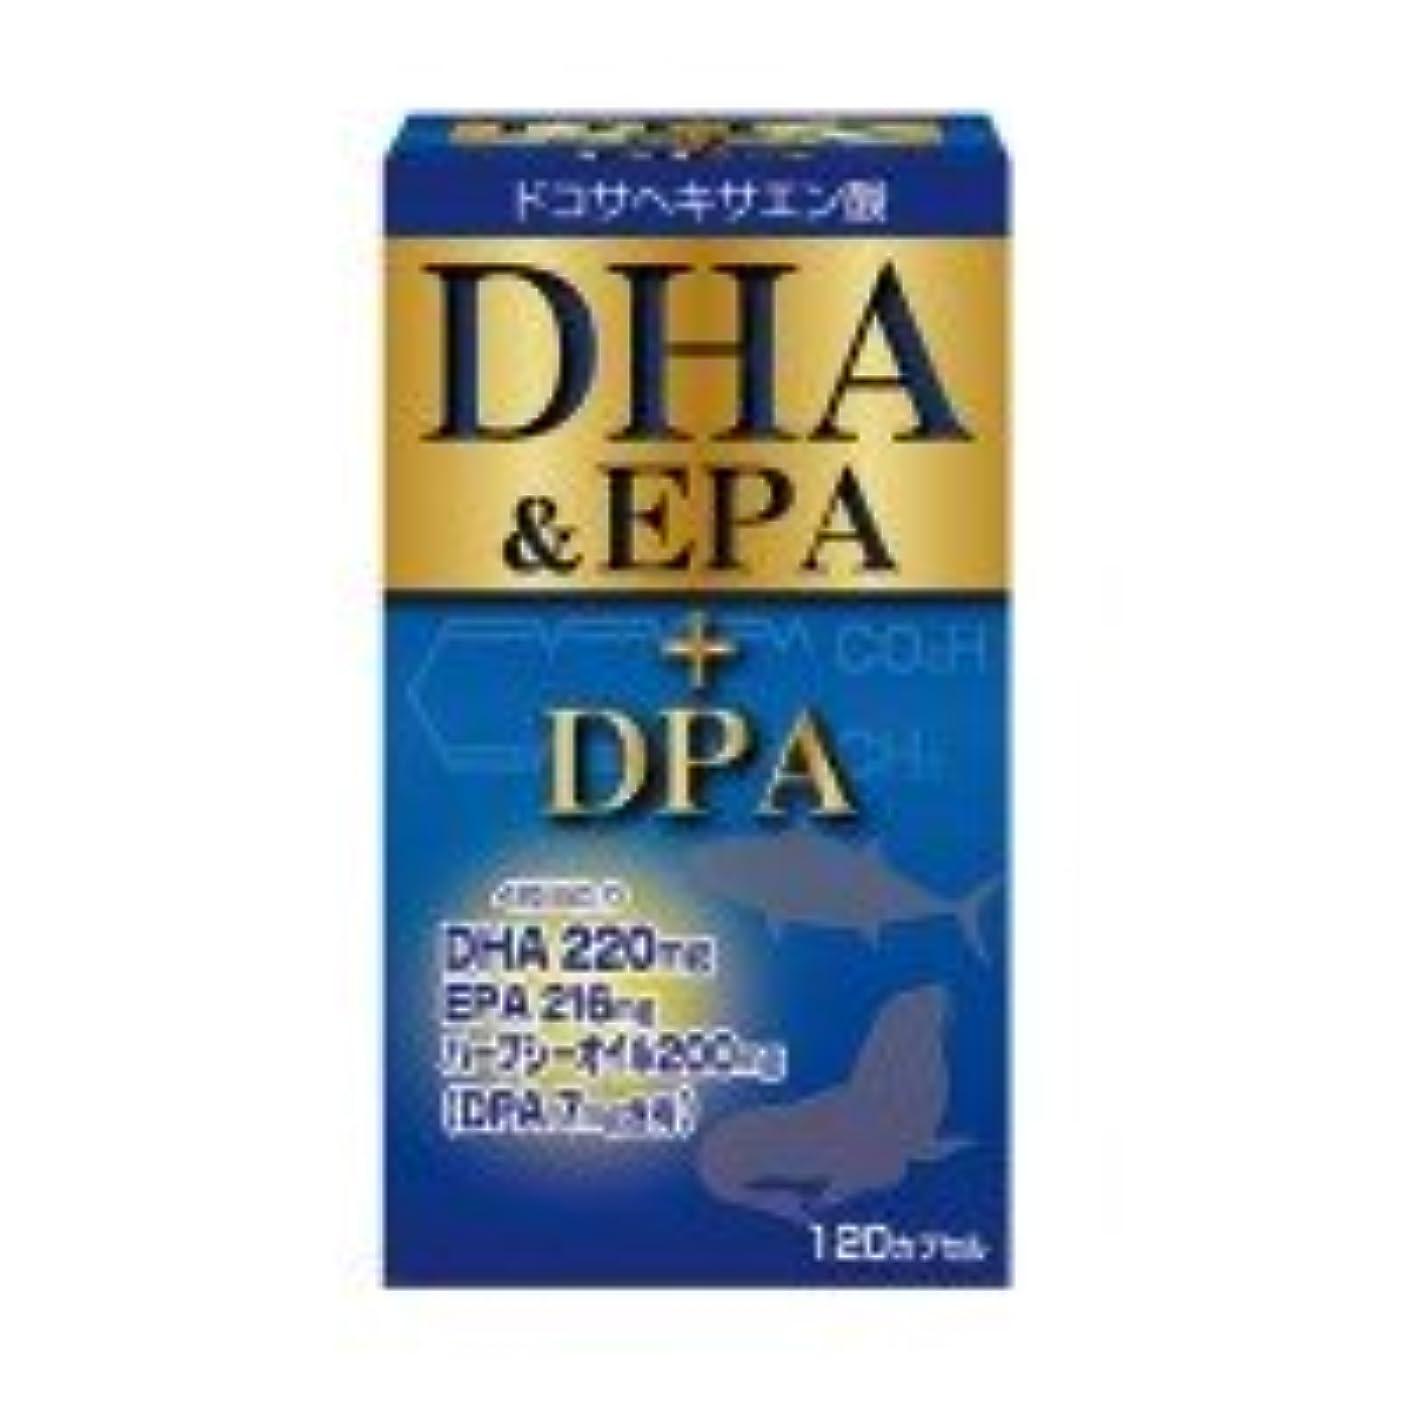 ステープル疲労見習いユーワ DHA&EPA+DPA 120カプセル (品番:3091)